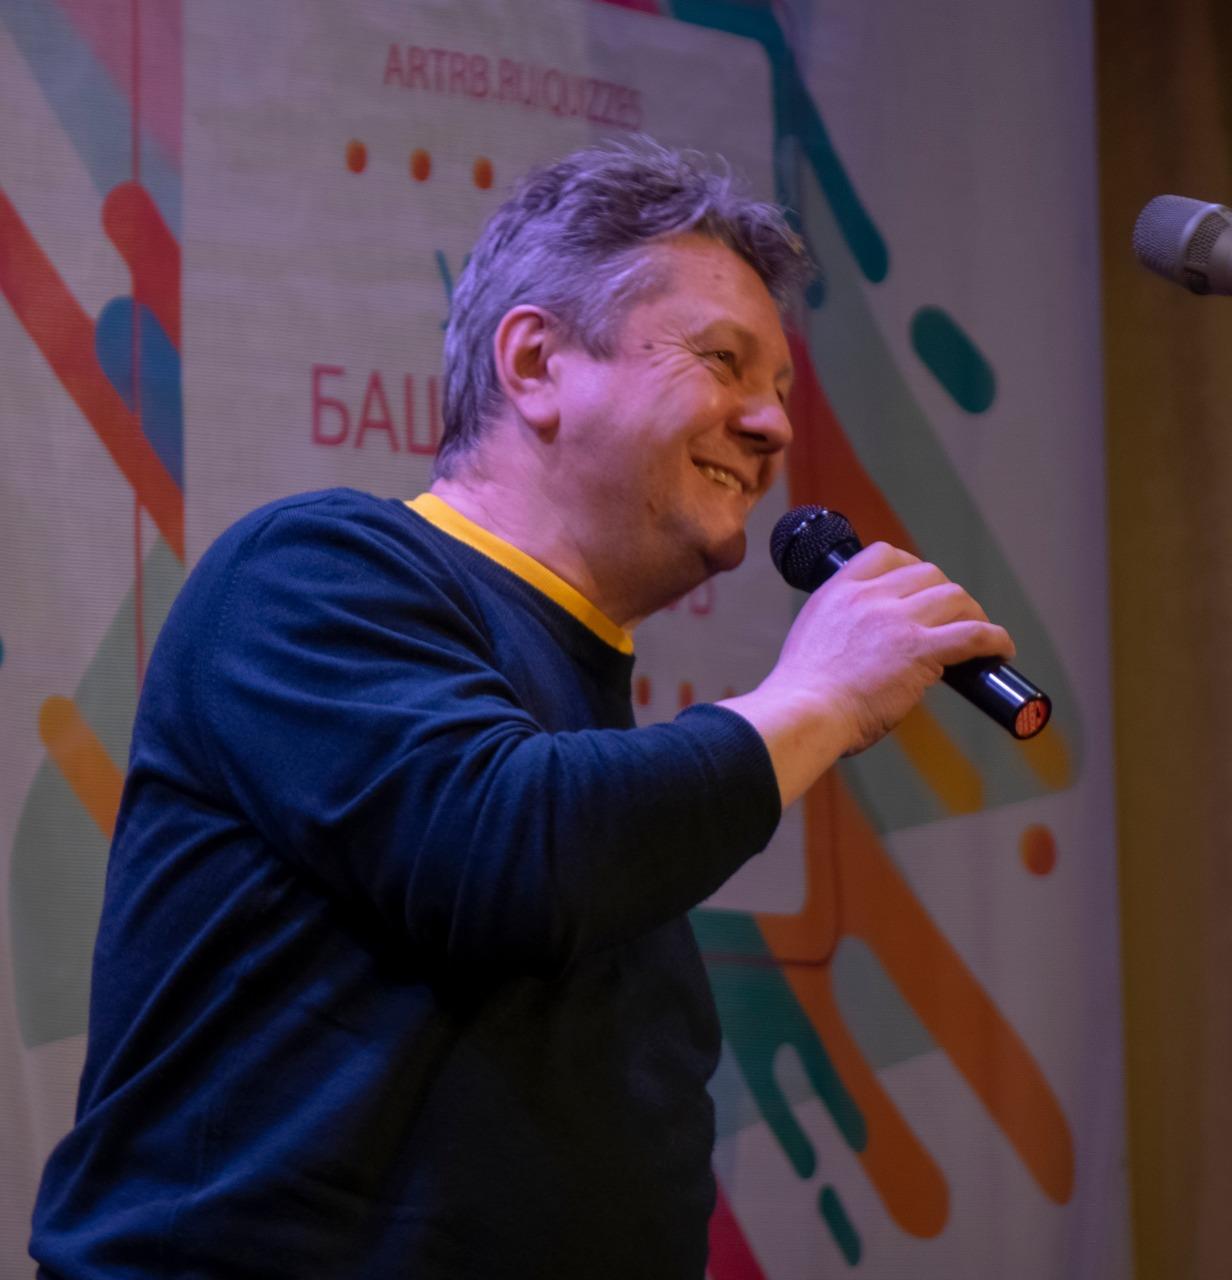 Художественный тур проекта №22 – встреча с художниками в Белорецке!